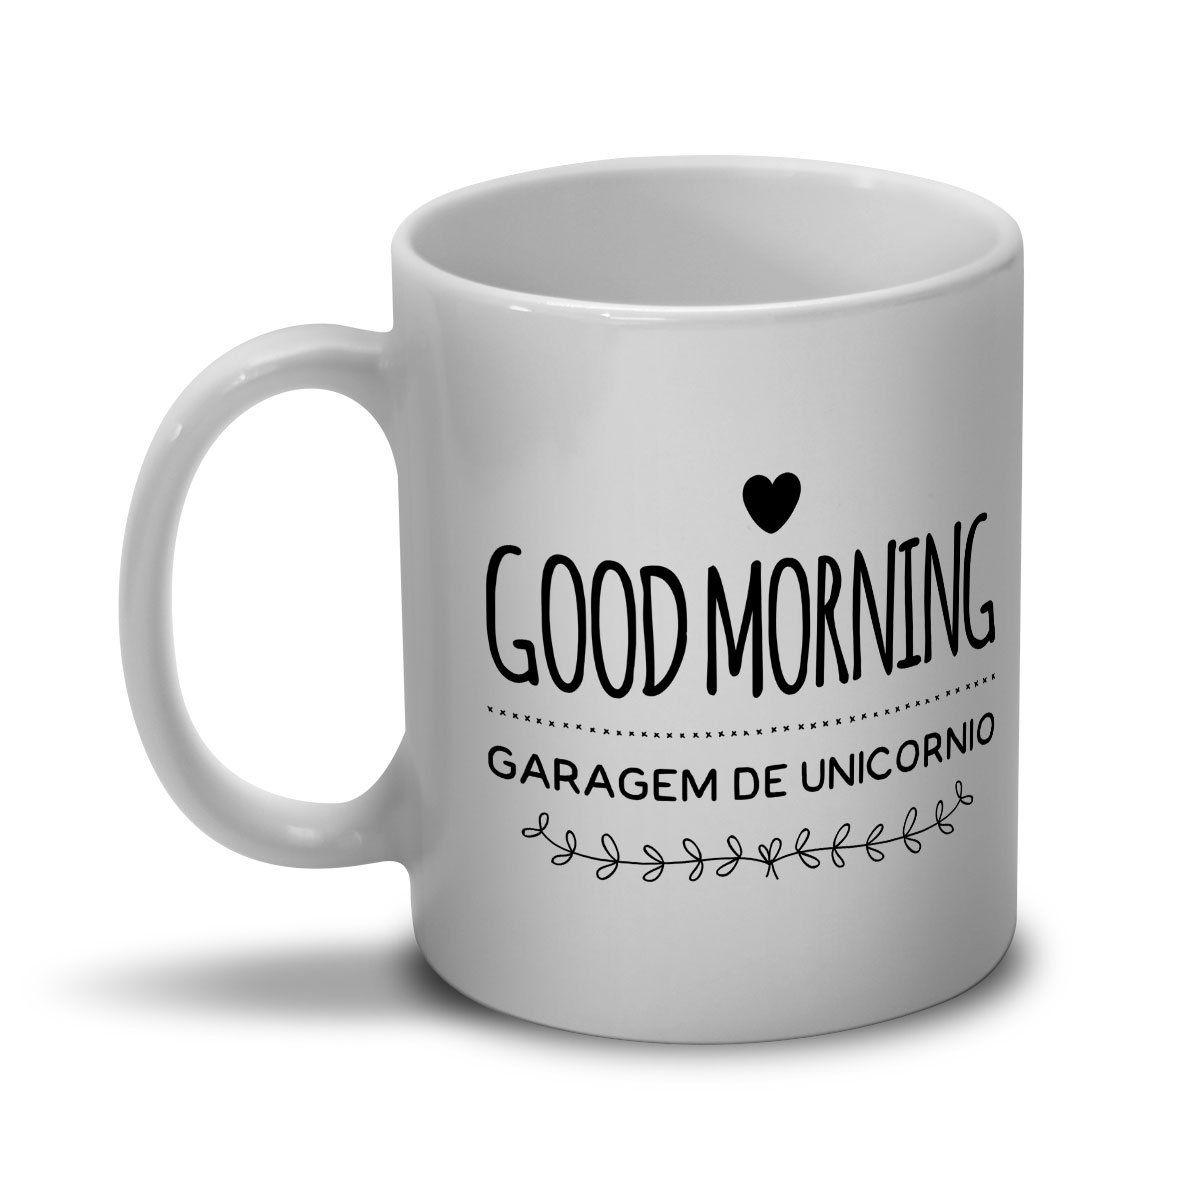 Caneca Monstra Maçã Good Morning Garagem de Unicórnio